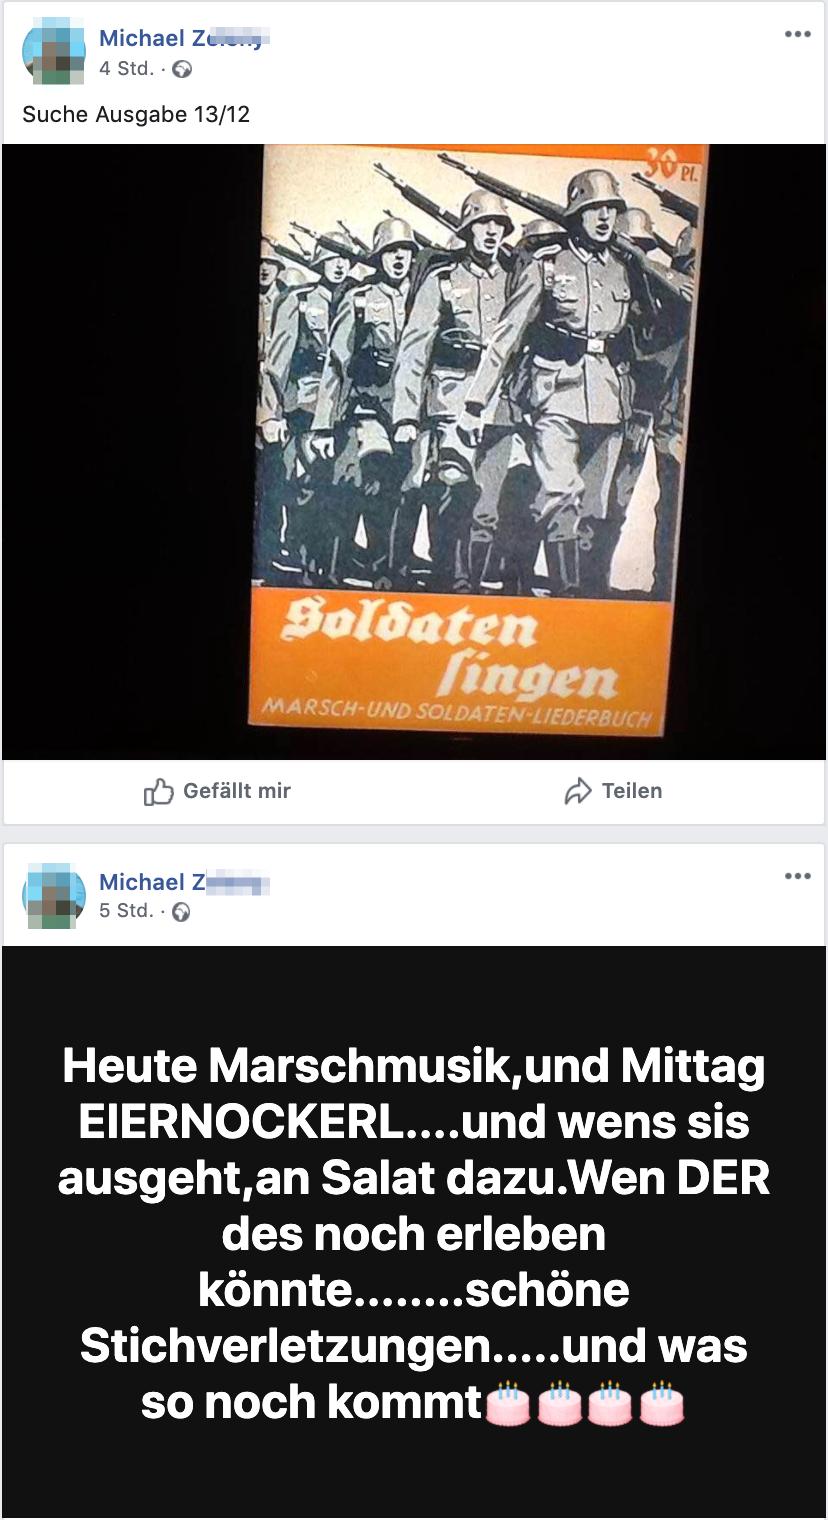 """Michael Z. """"Heute Marschmusik,und Mittag Eiernockerl"""""""